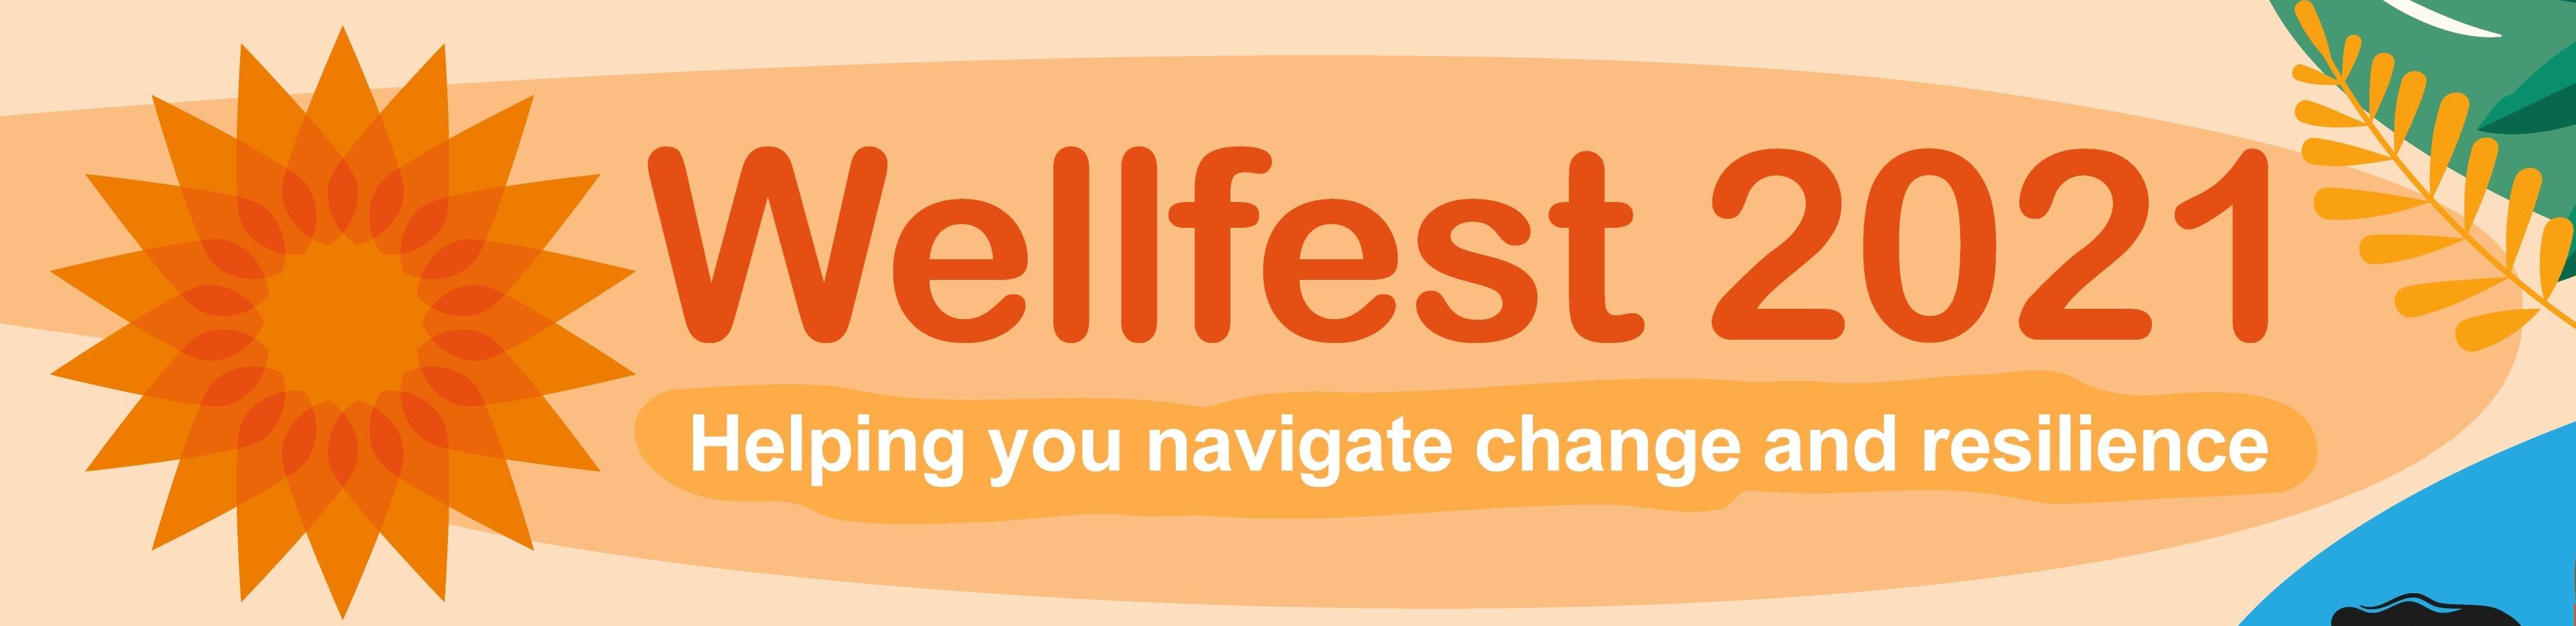 Wellfest 2021 header.jpg